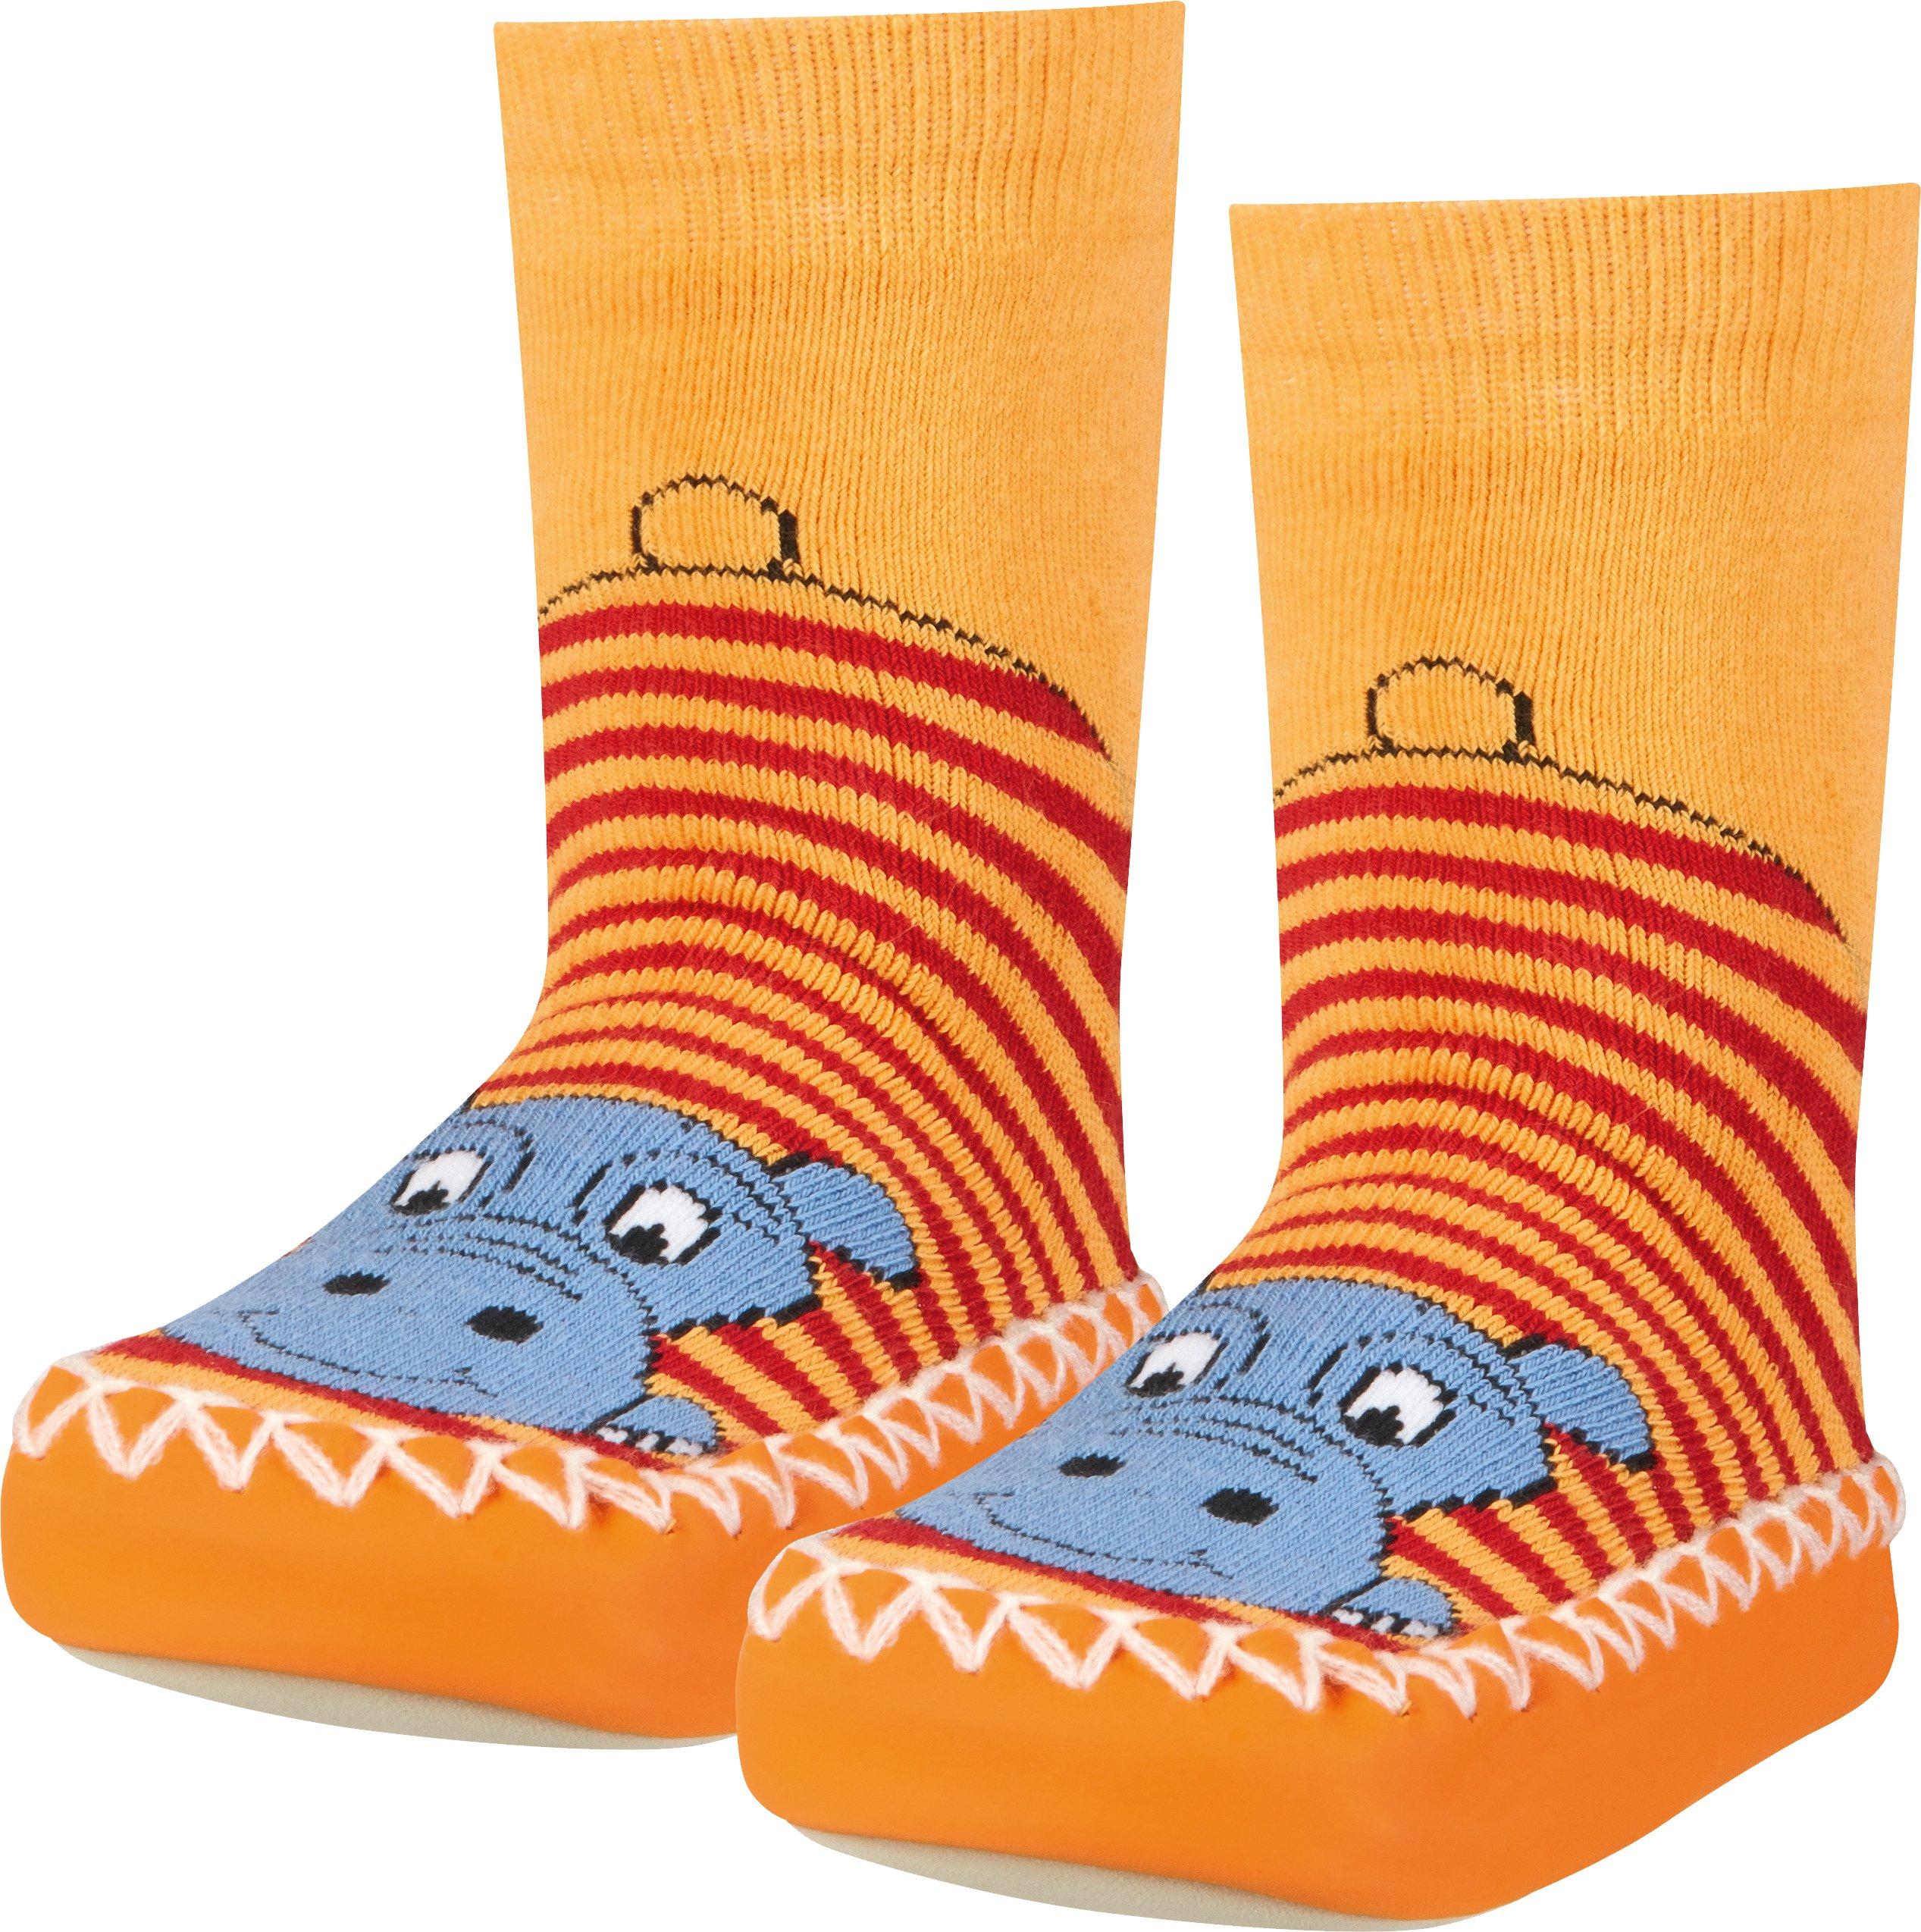 Playshoes Zapatillas con Suela Antideslizante Hippopotamus, Pantuflas Unisex Niños 2